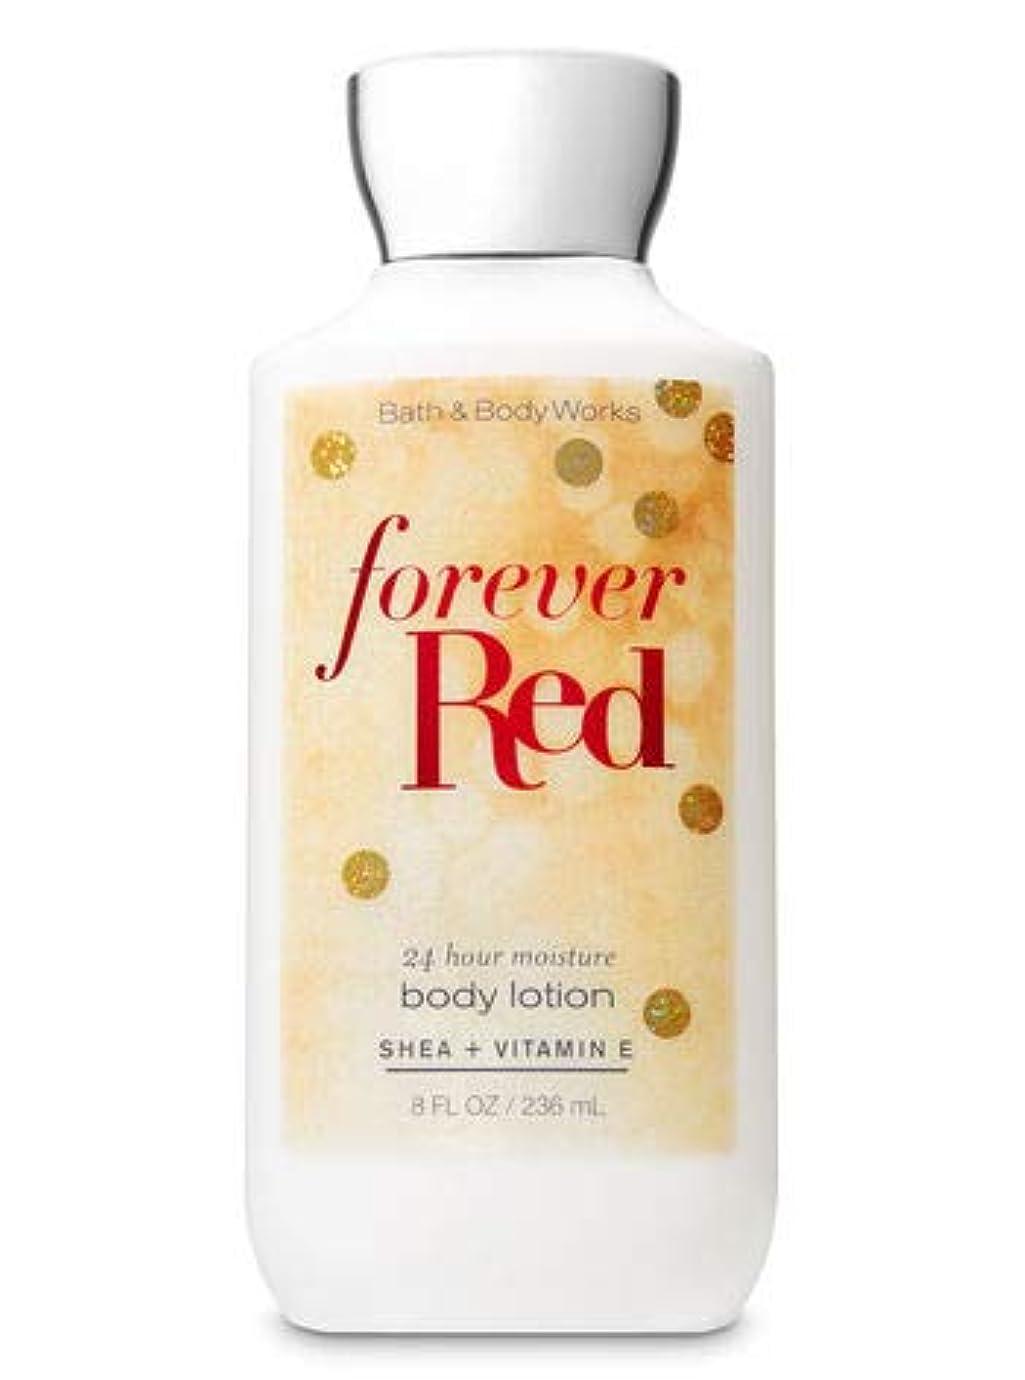 管理する解明するパスポート【Bath&Body Works/バス&ボディワークス】 ボディローション フォーエバーレッド Super Smooth Body Lotion Forever Red 8 fl oz / 236 mL [並行輸入品]